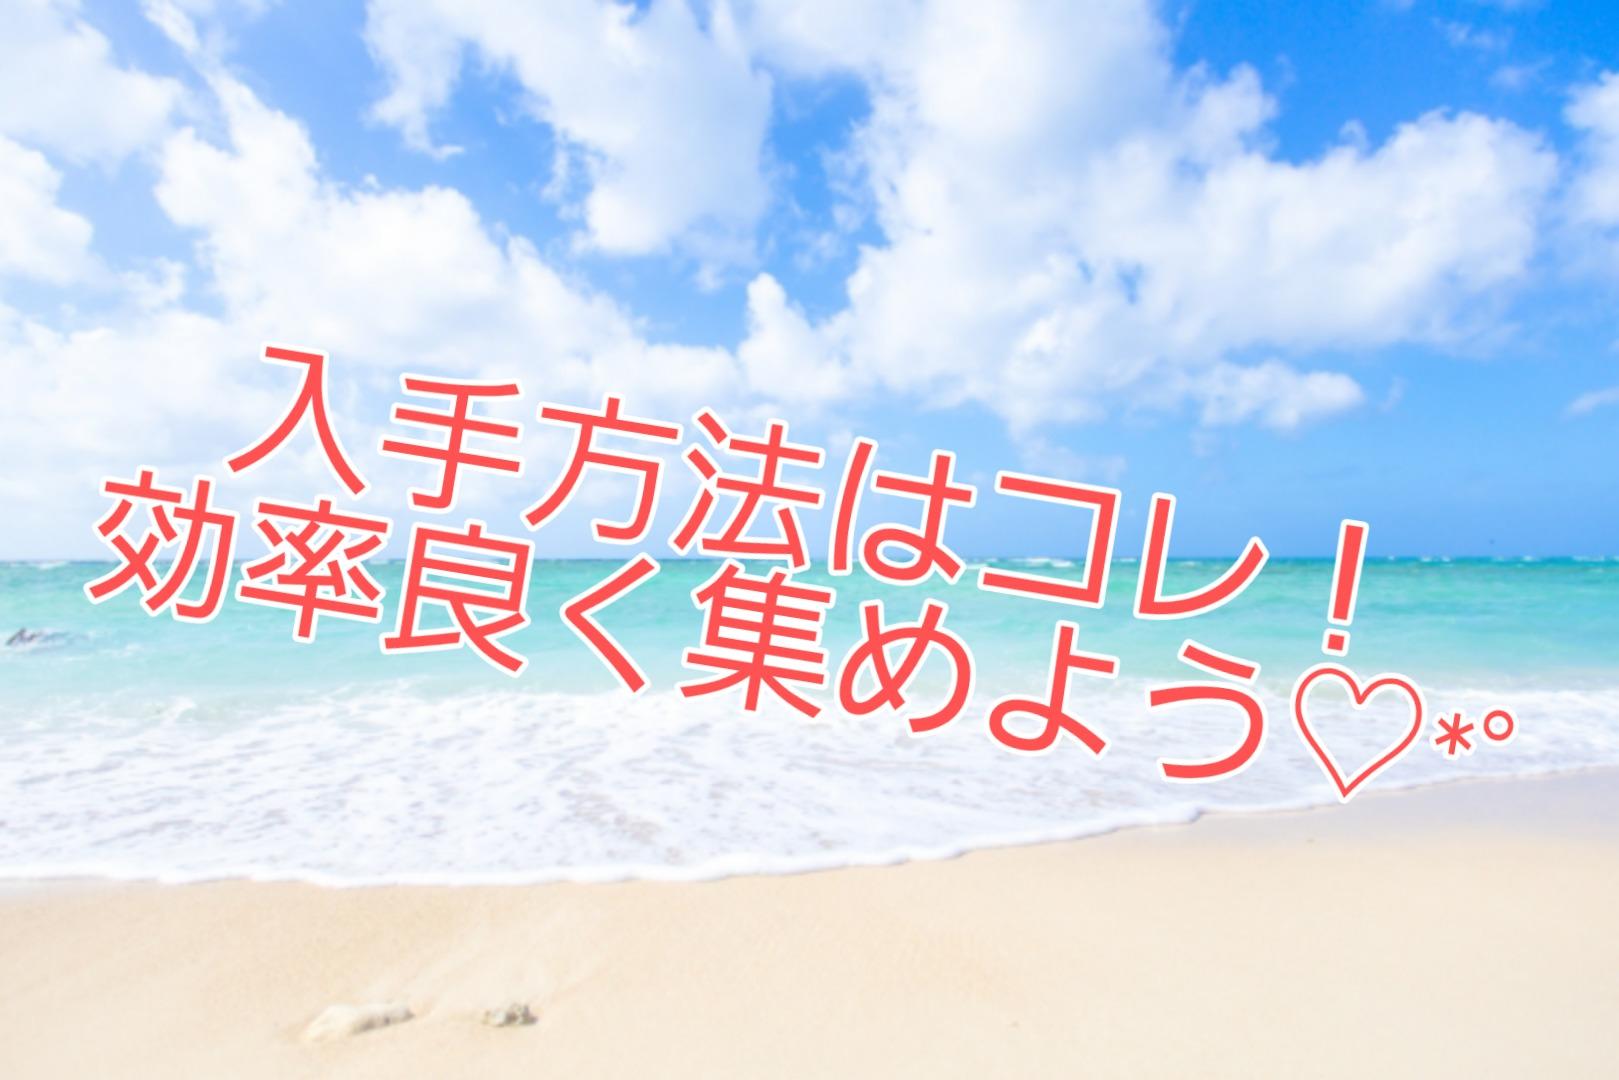 七星球の攻略!イベント「とびだせ!ドラゴンボール集め」の集め方【ドッカンバトル】